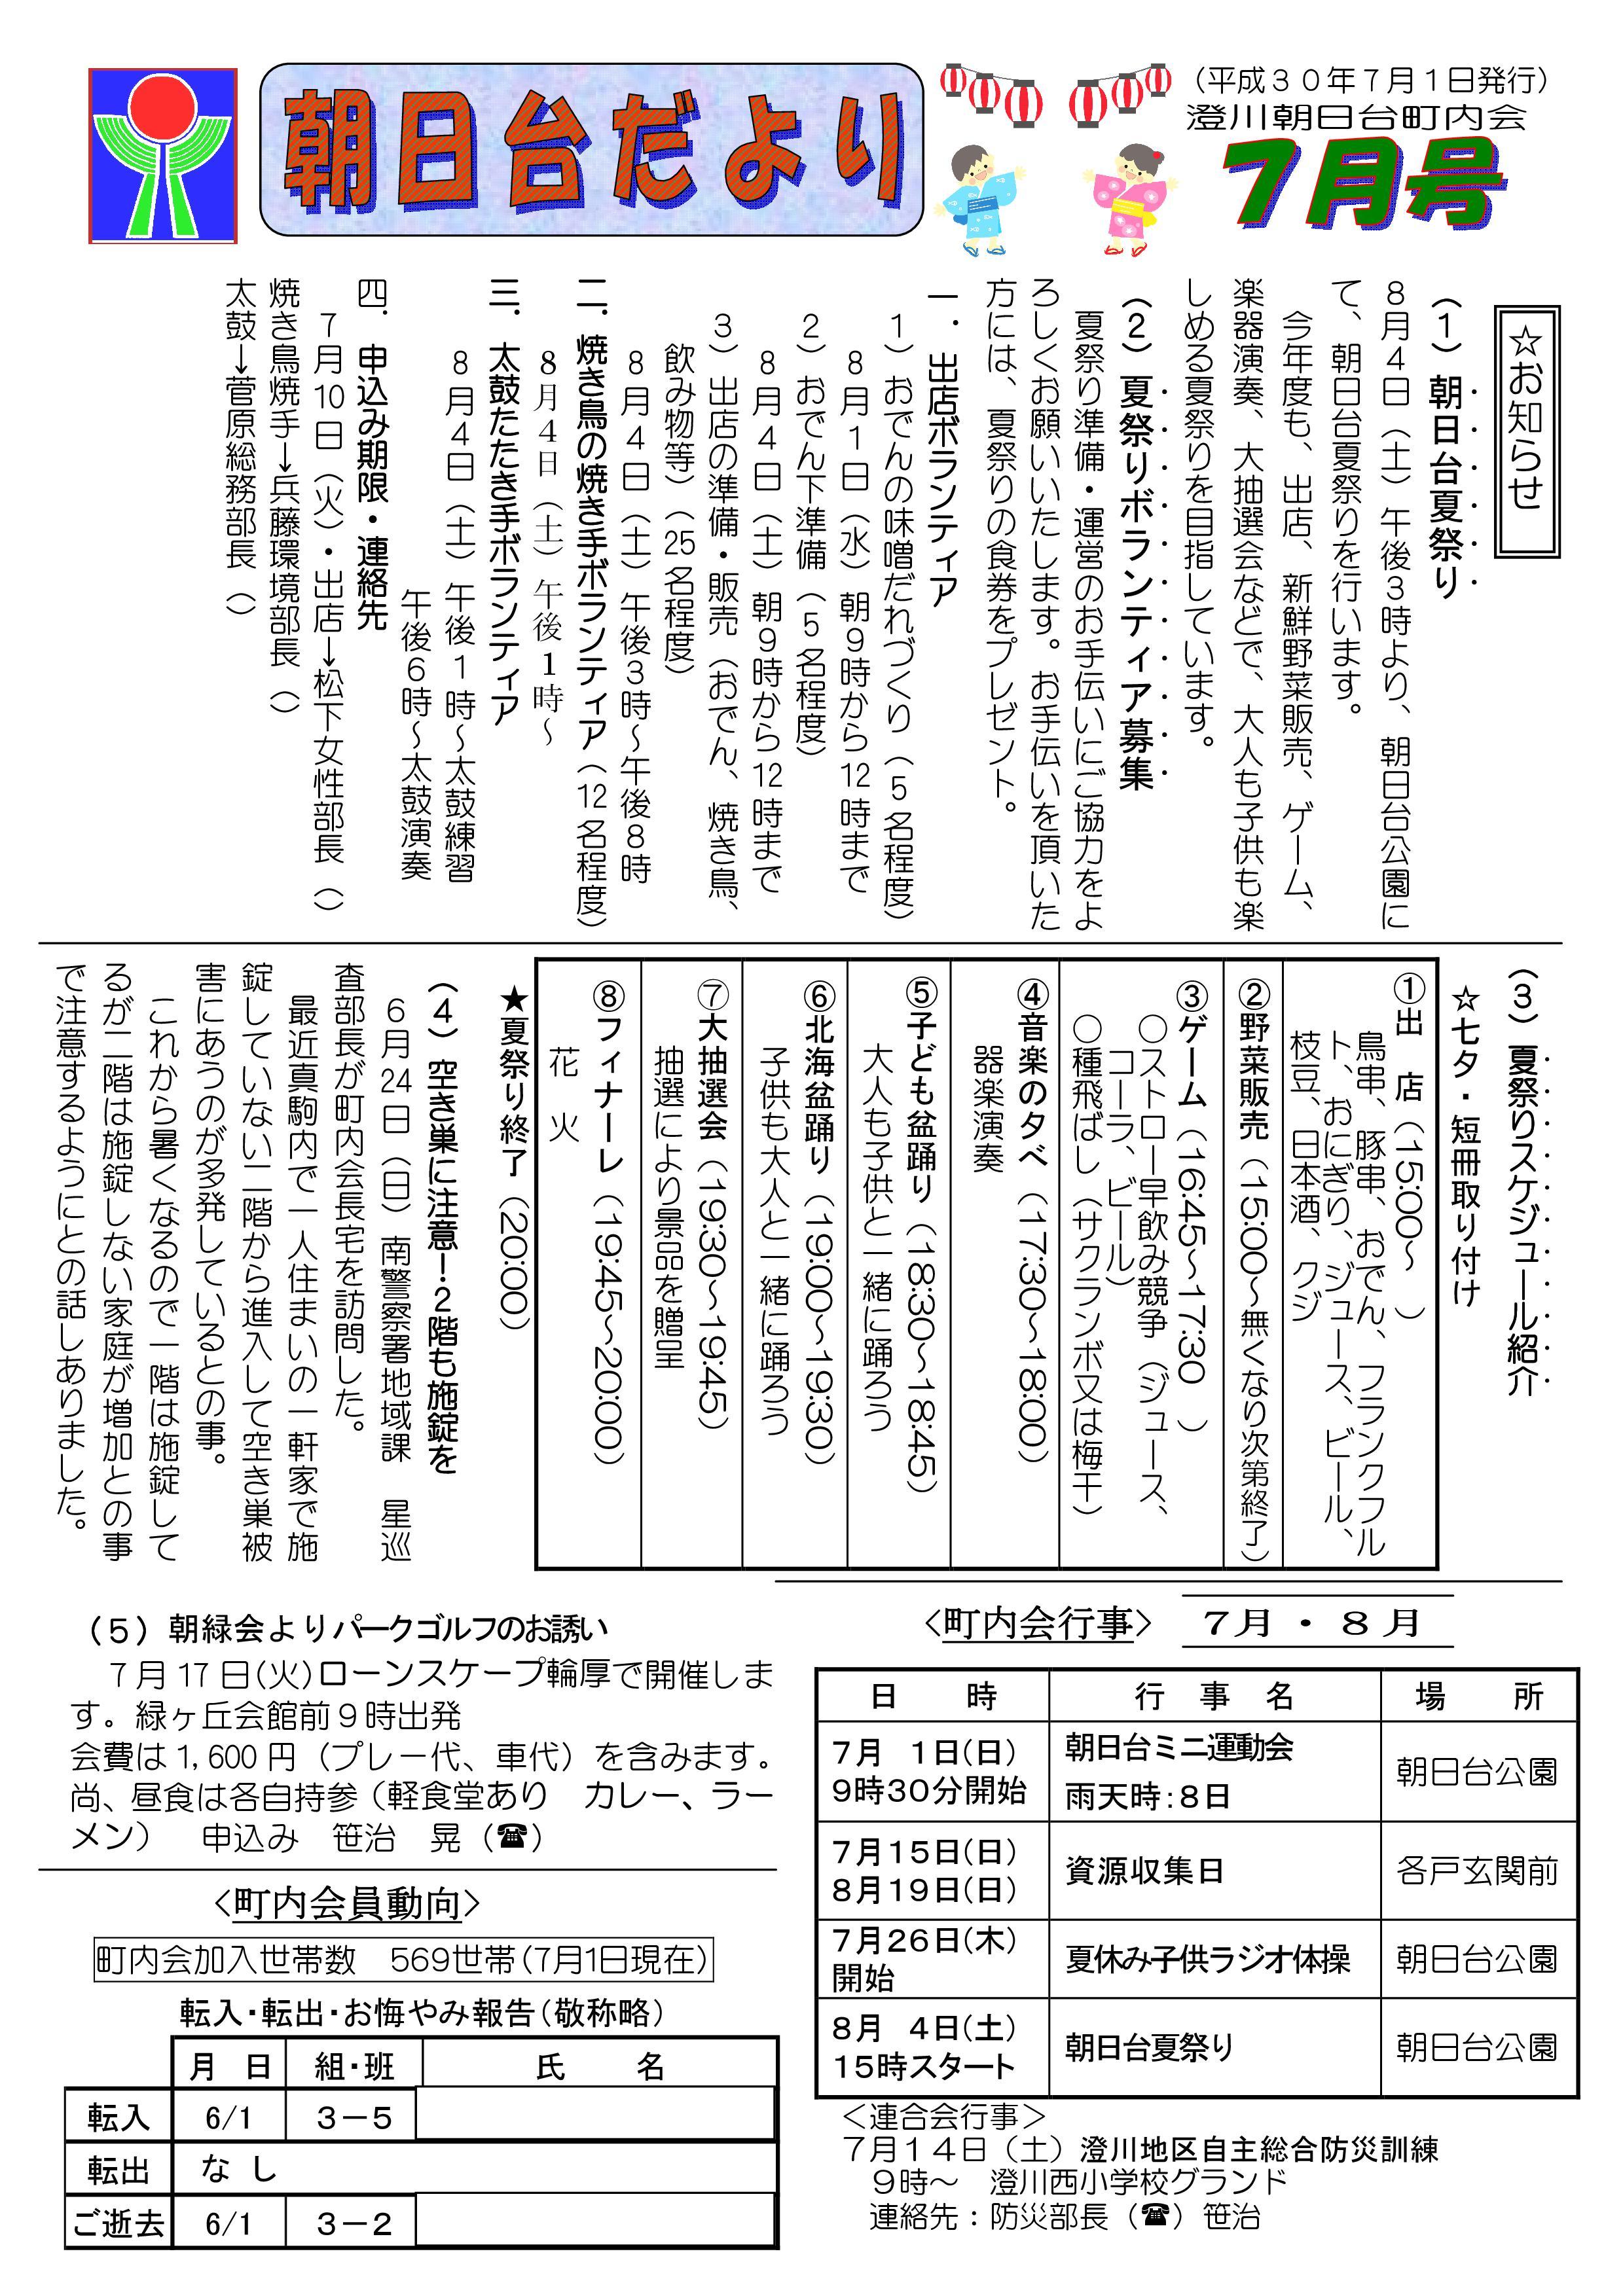 http://sumikawa.info/asahidai/30-7%E6%9C%88%E5%8F%B7.jpg